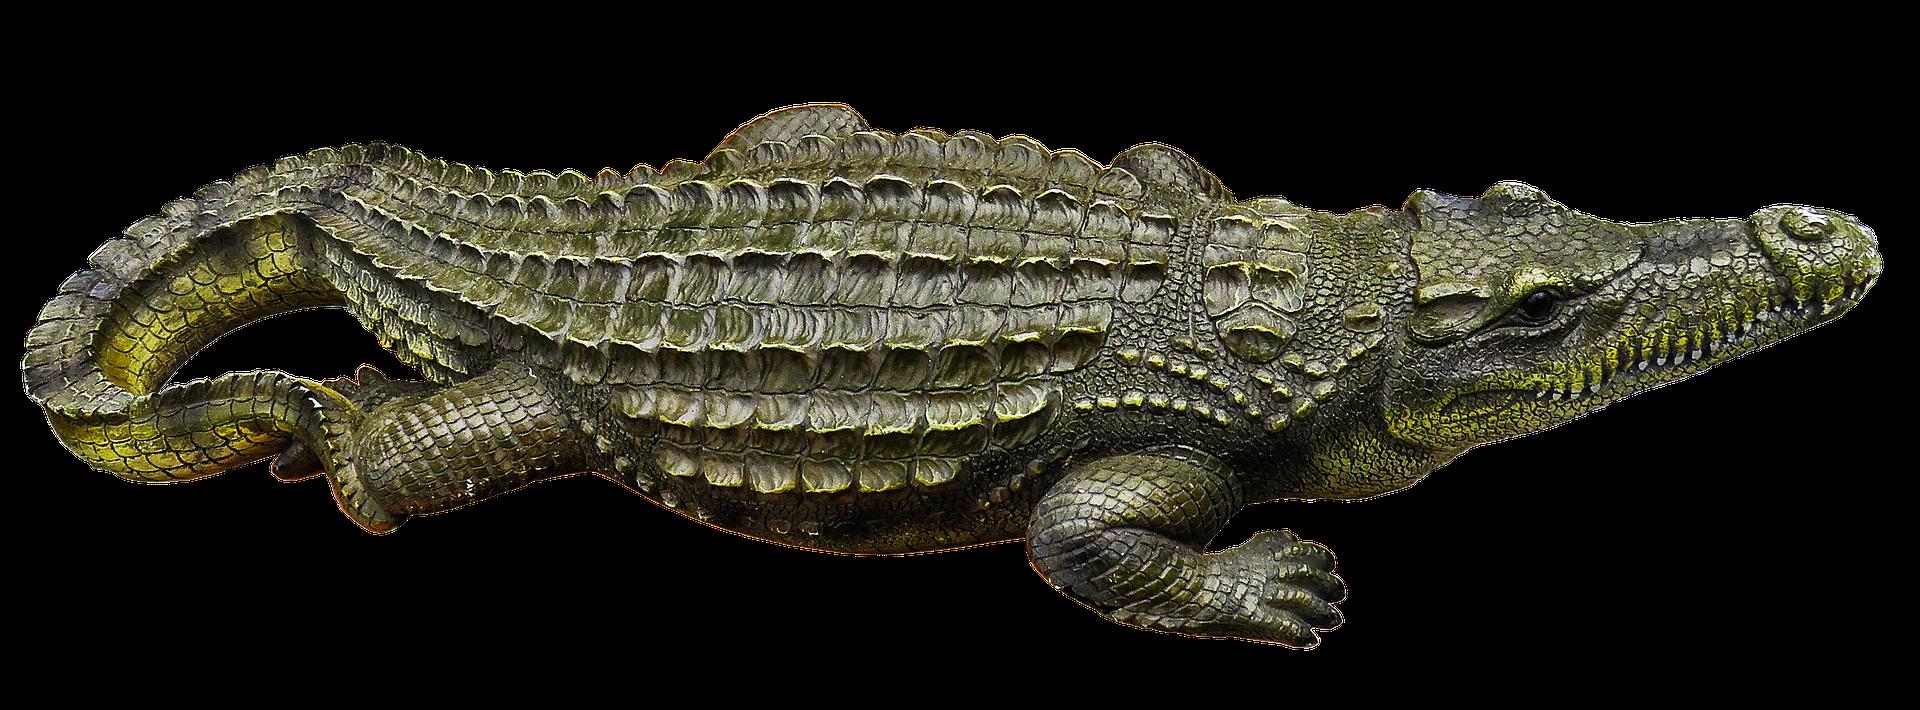 crocodile-3128684_1920